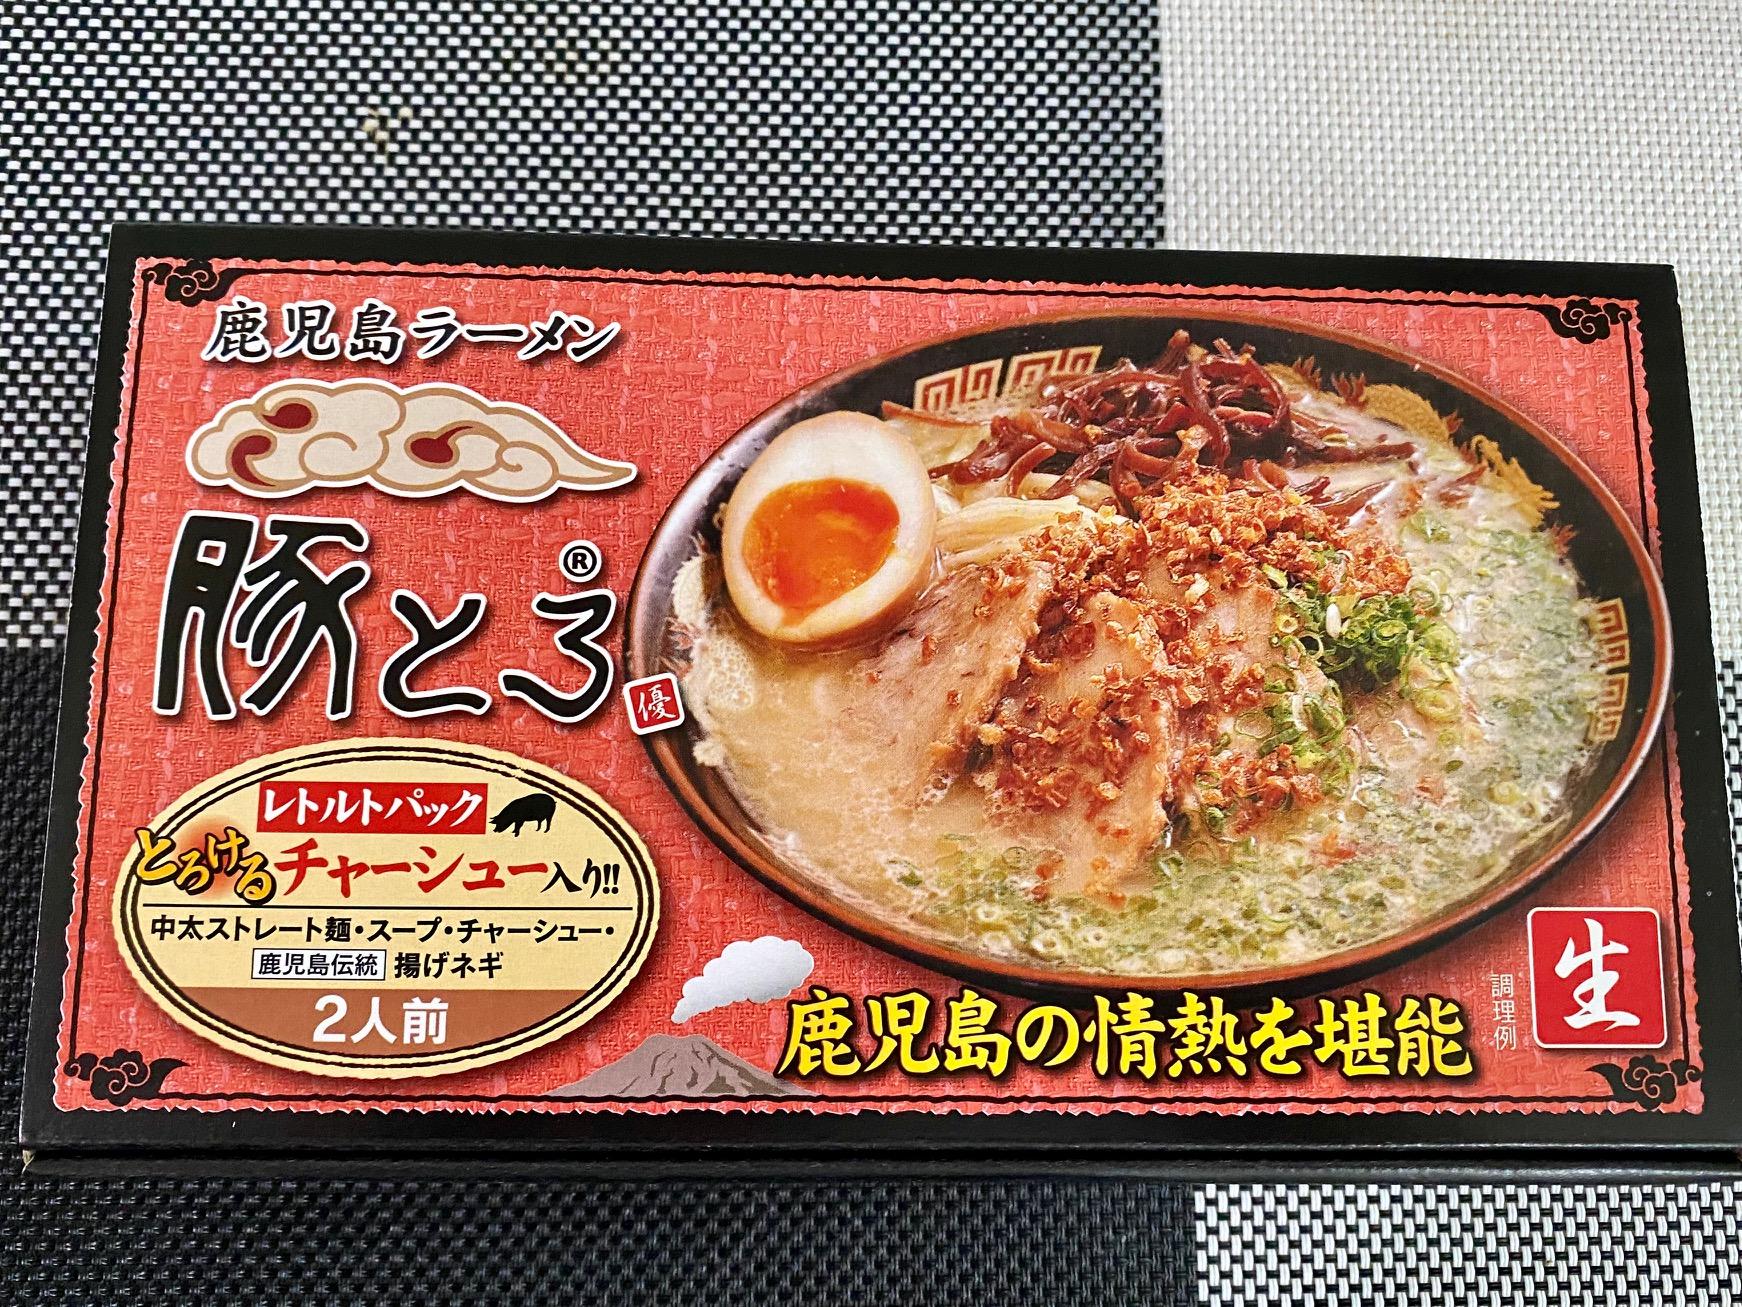 鹿児島ラーメン「豚とろ」通販